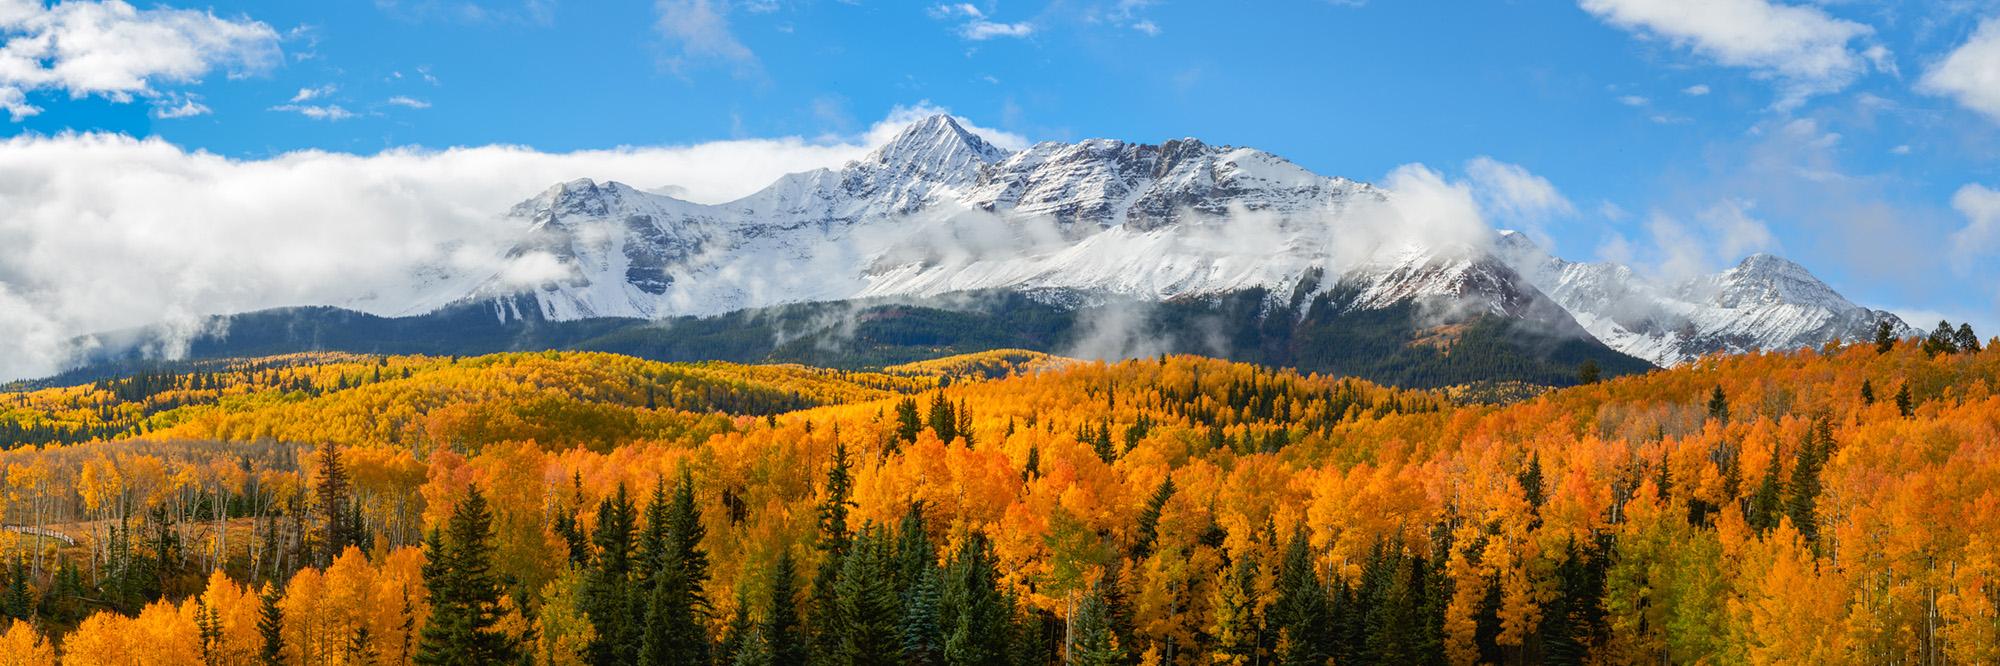 Mountain Veil